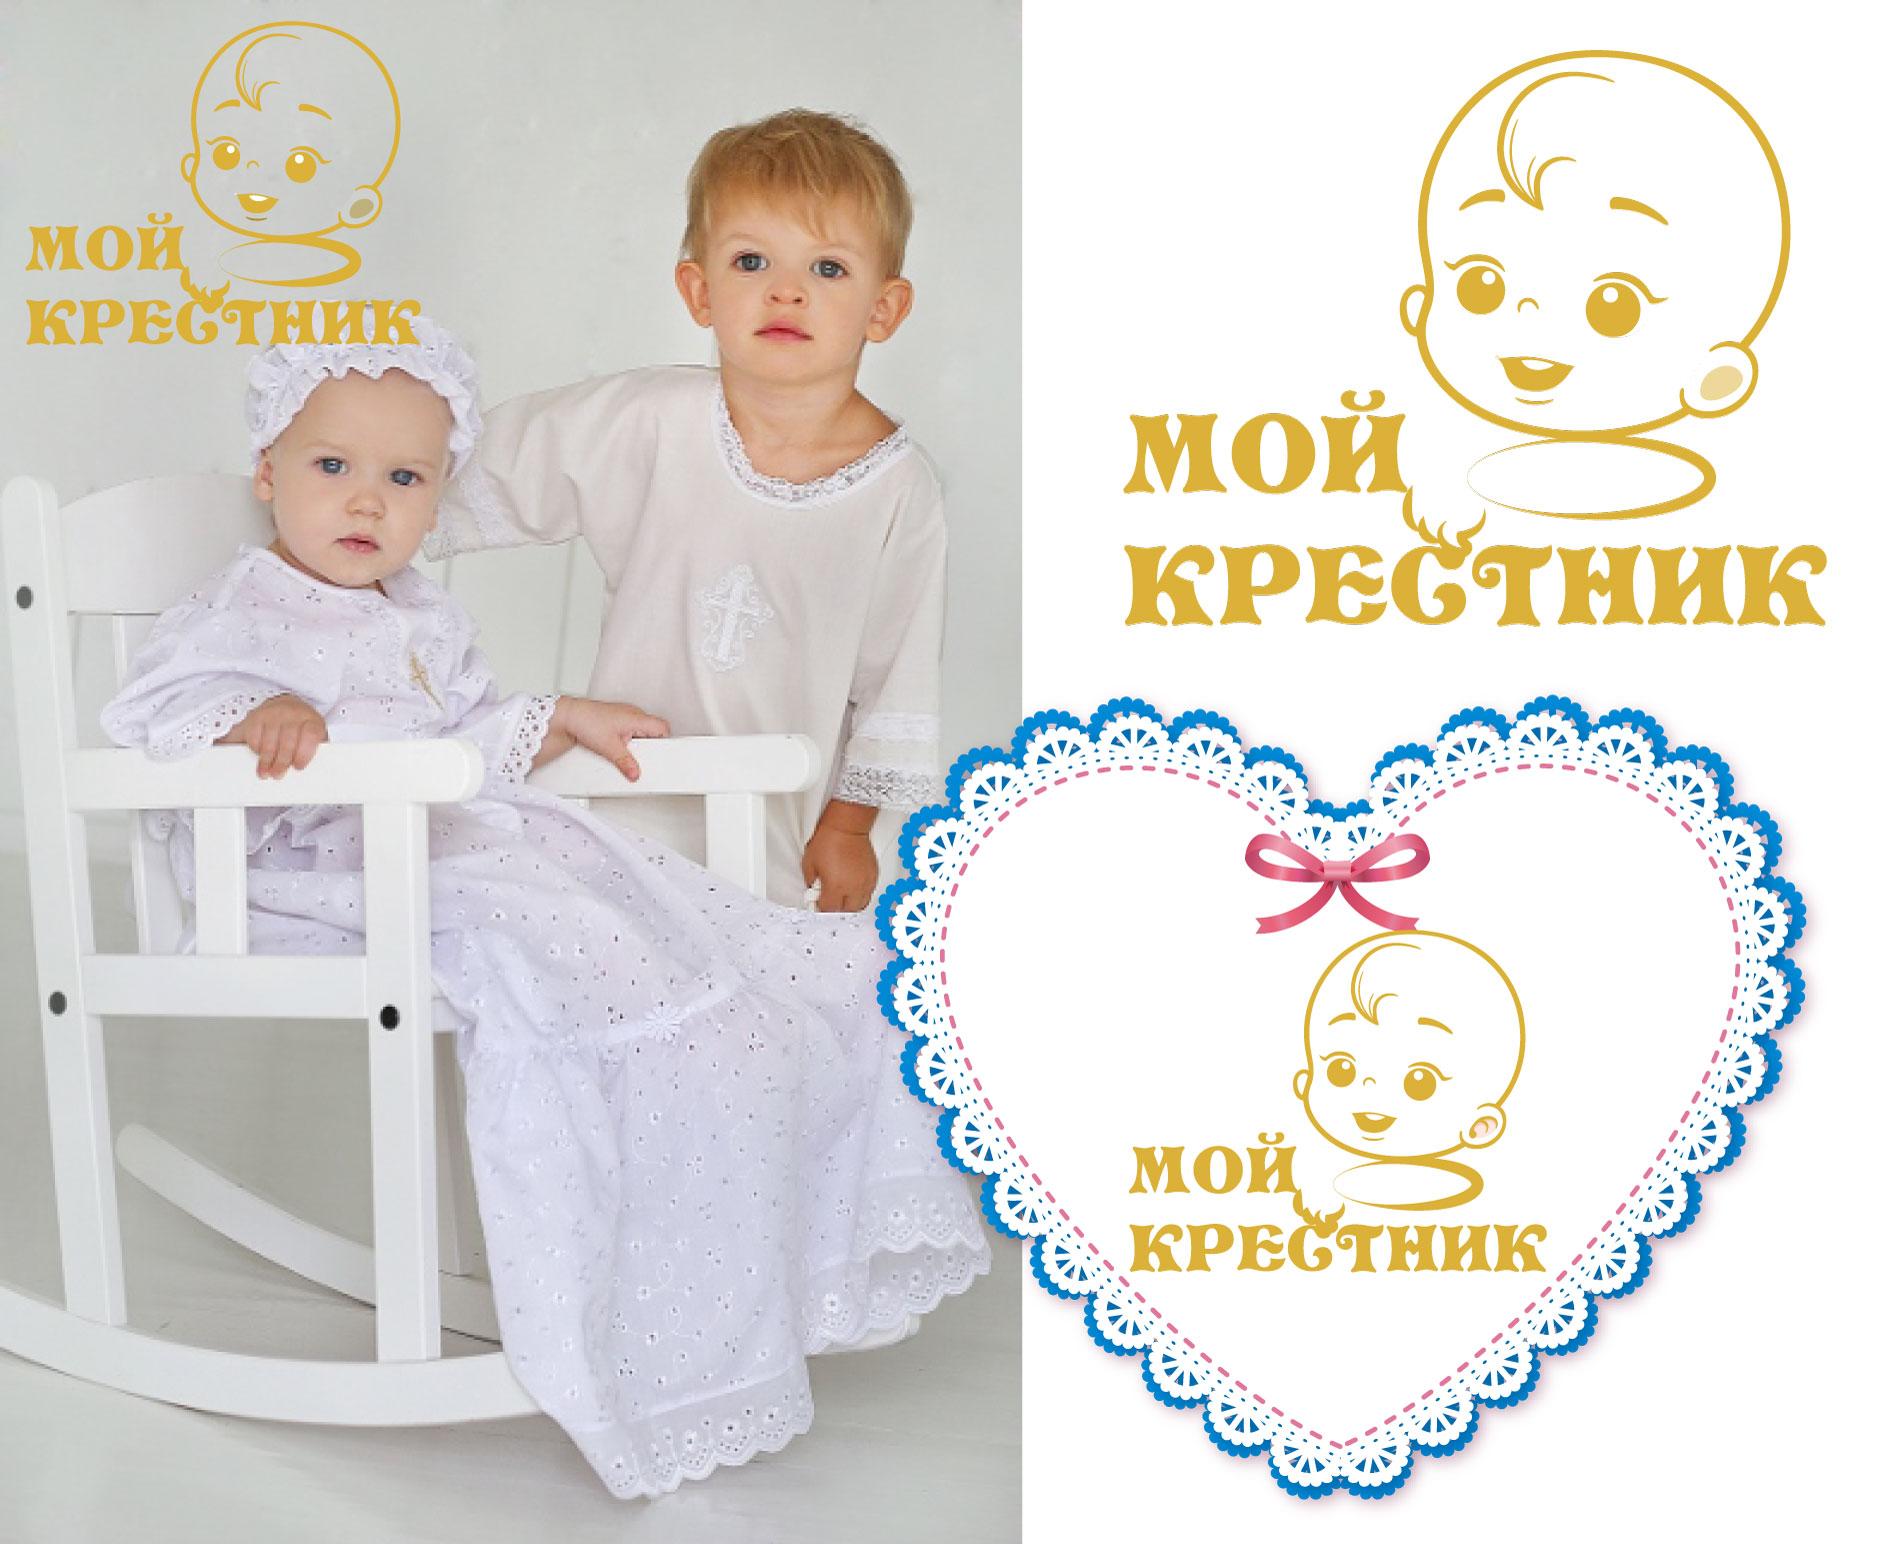 Логотип для крестильной одежды(детской). фото f_1845d5b26a95d6ab.jpg